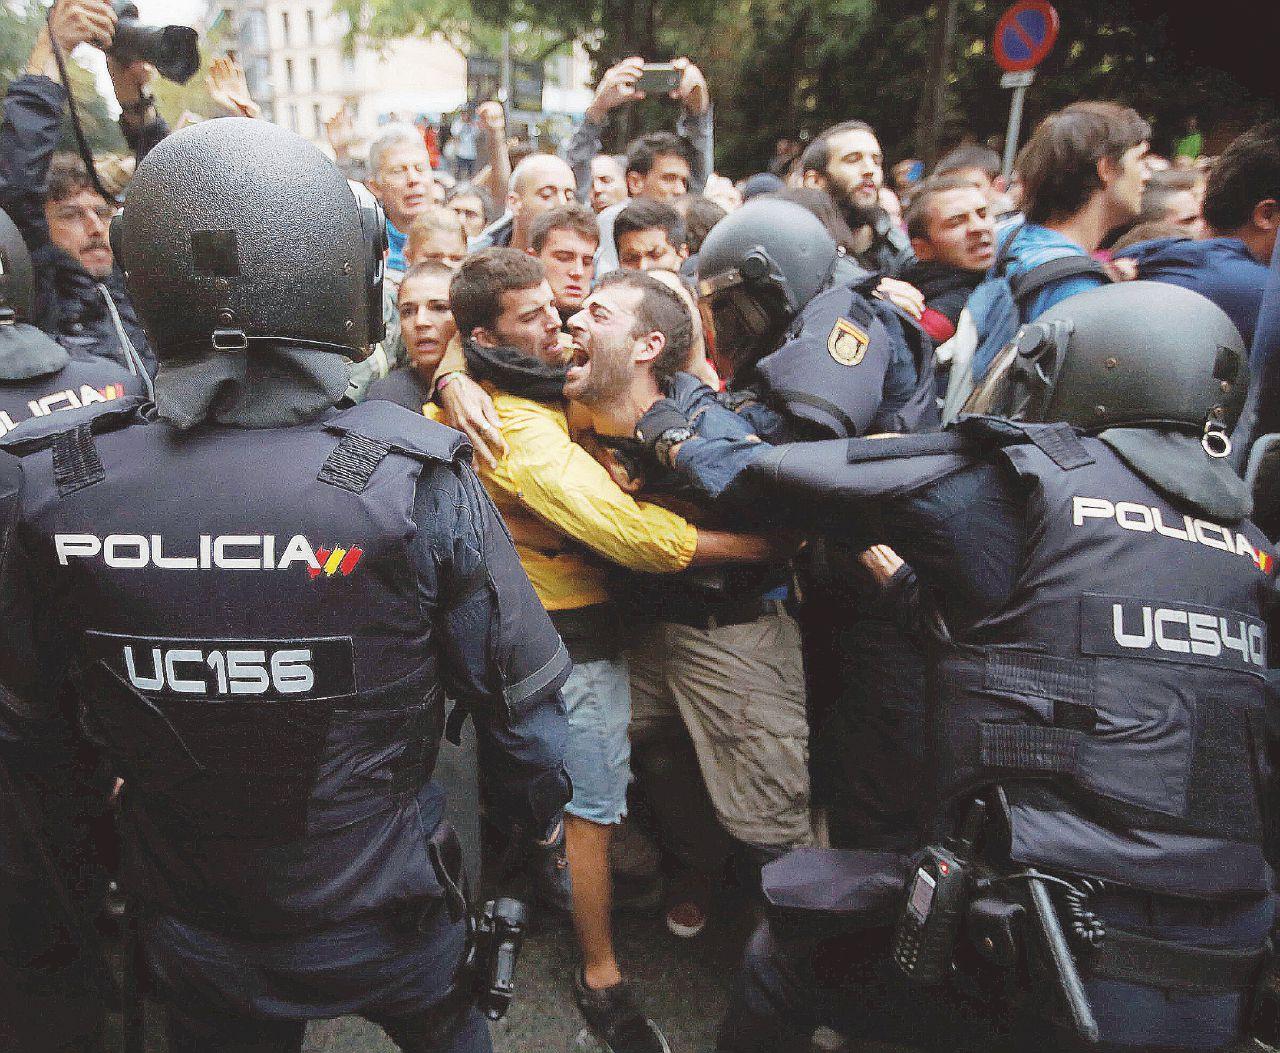 In Edicola sul Fatto Quotidiano del 2 ottobre: Da oggi ci sono due Spagne. Catalogna – La polizia spara, quasi 800 feriti